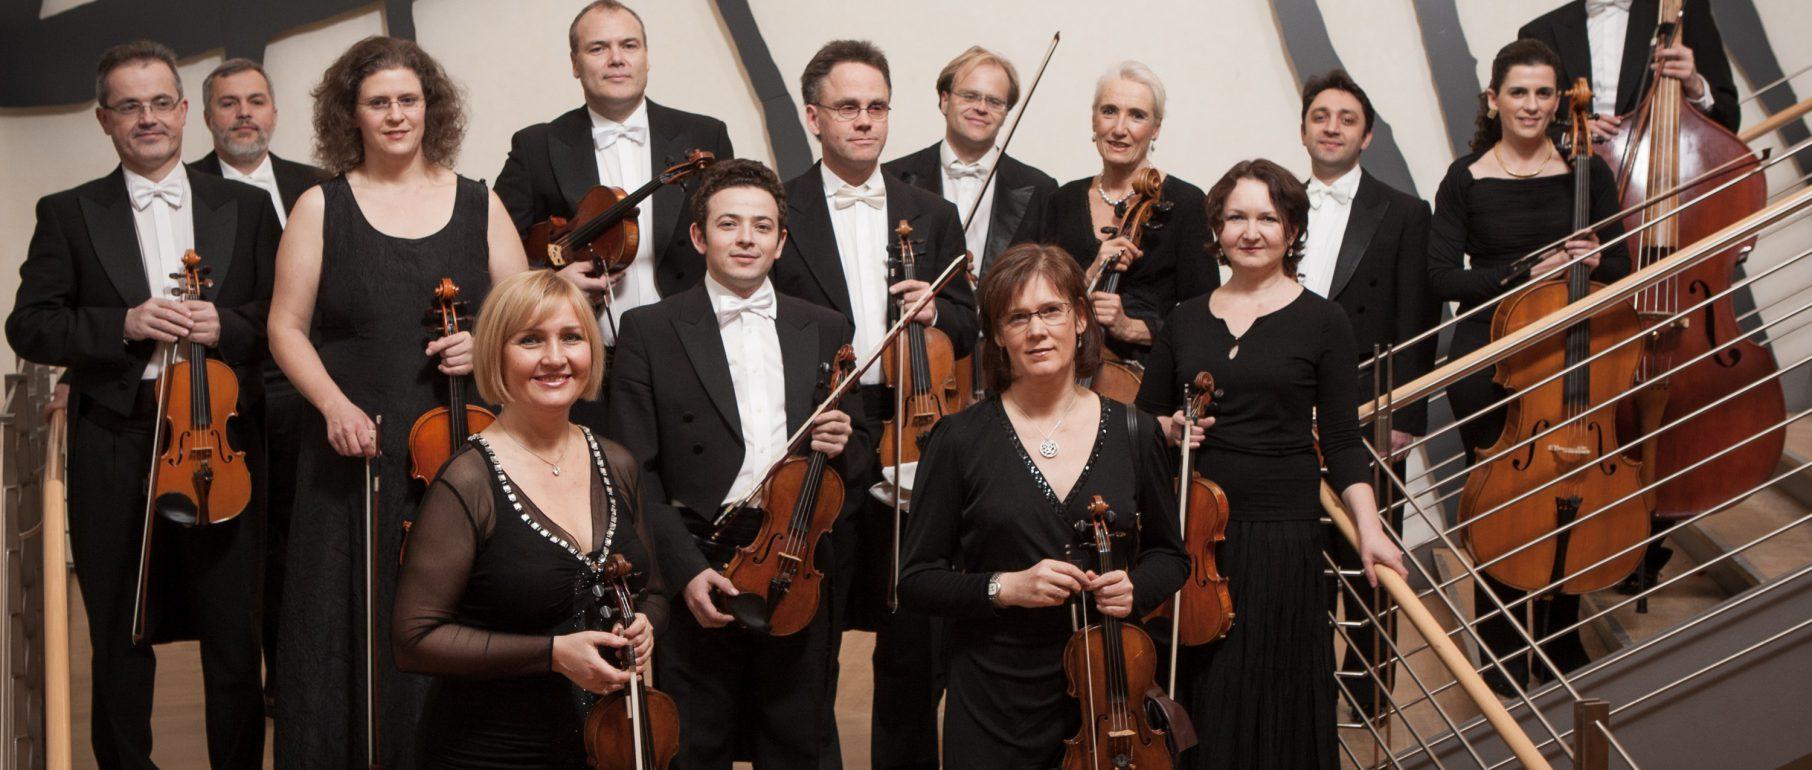 Südwestdeutsches Kammerorchester ohne Dirigent